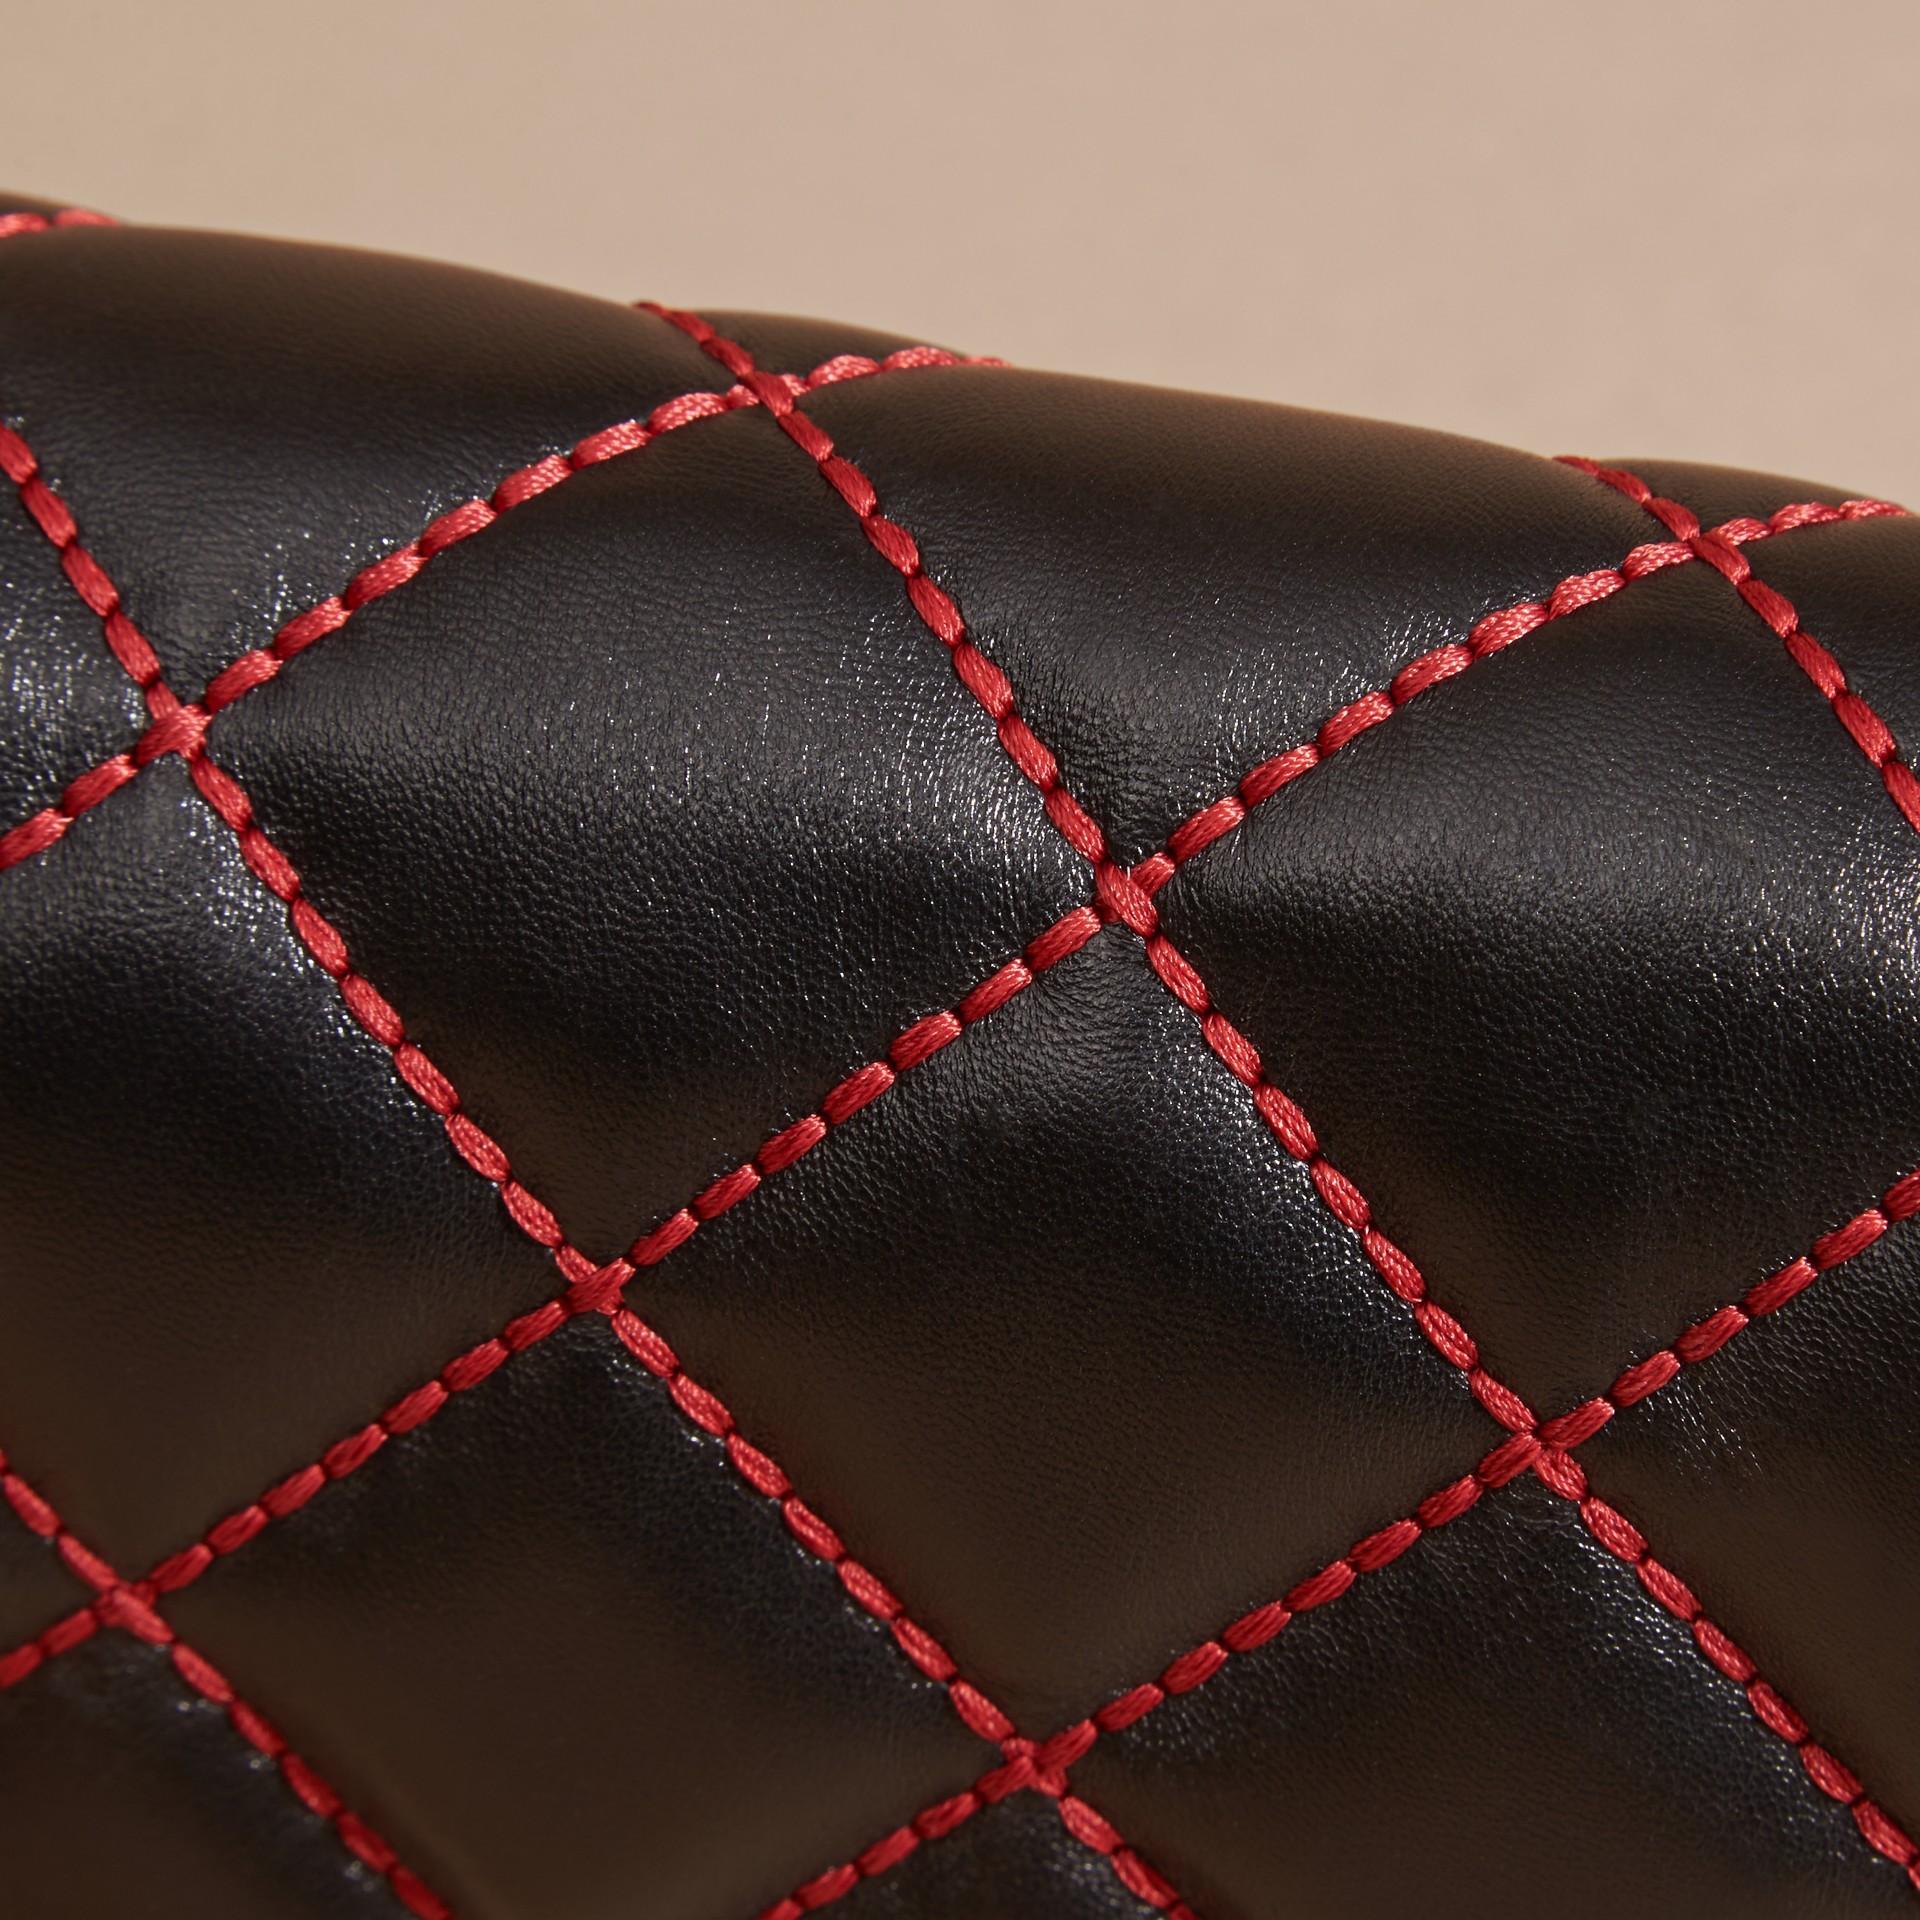 Noir/rouge parade Clutch en cuir matelassé avec chaîne - photo de la galerie 7